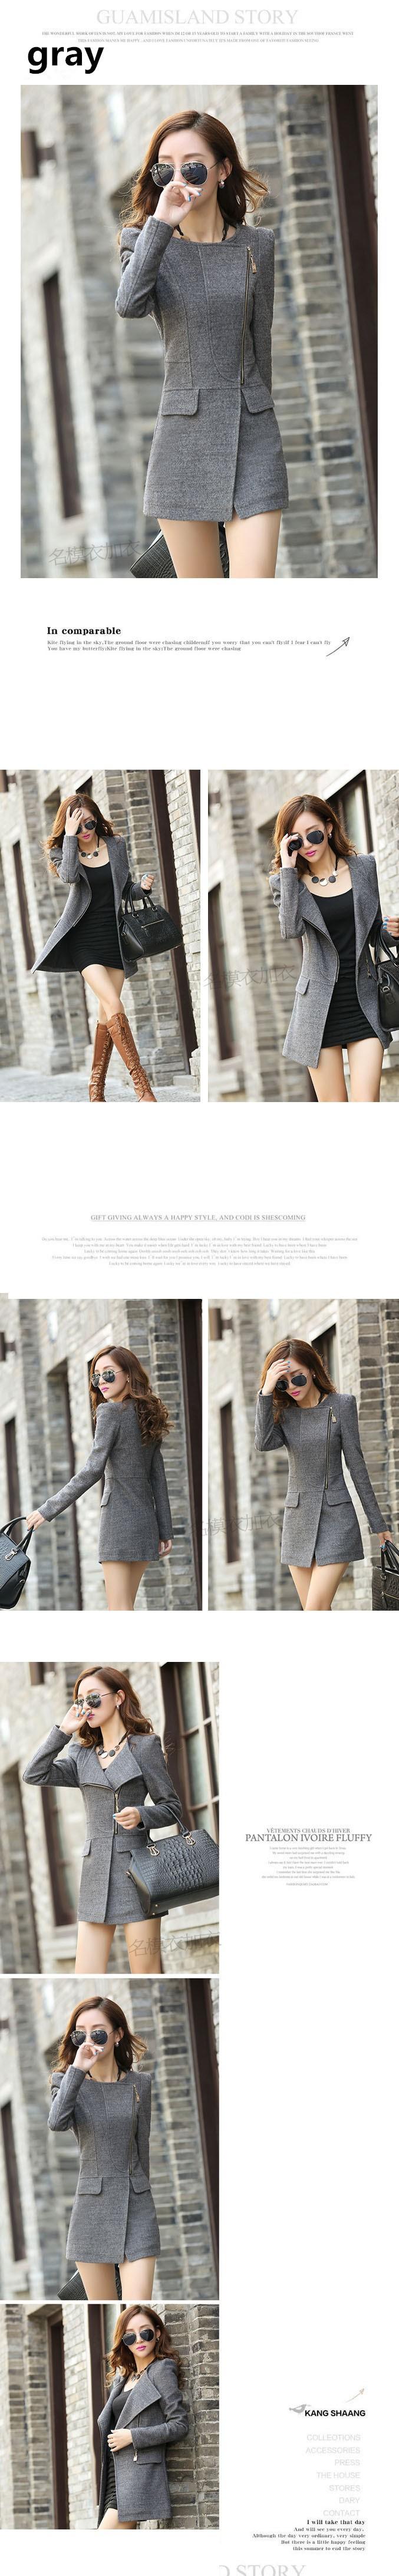 Casacos de seção longa irregular jaqueta de lã de casimira elegante para inverno feminino coleção 2014 promocional chaquetas mujer tamanho M GGG em Jaquetas Básicas de Roupas e Acessórios Femininos no AliExpress.com | Alibaba Group